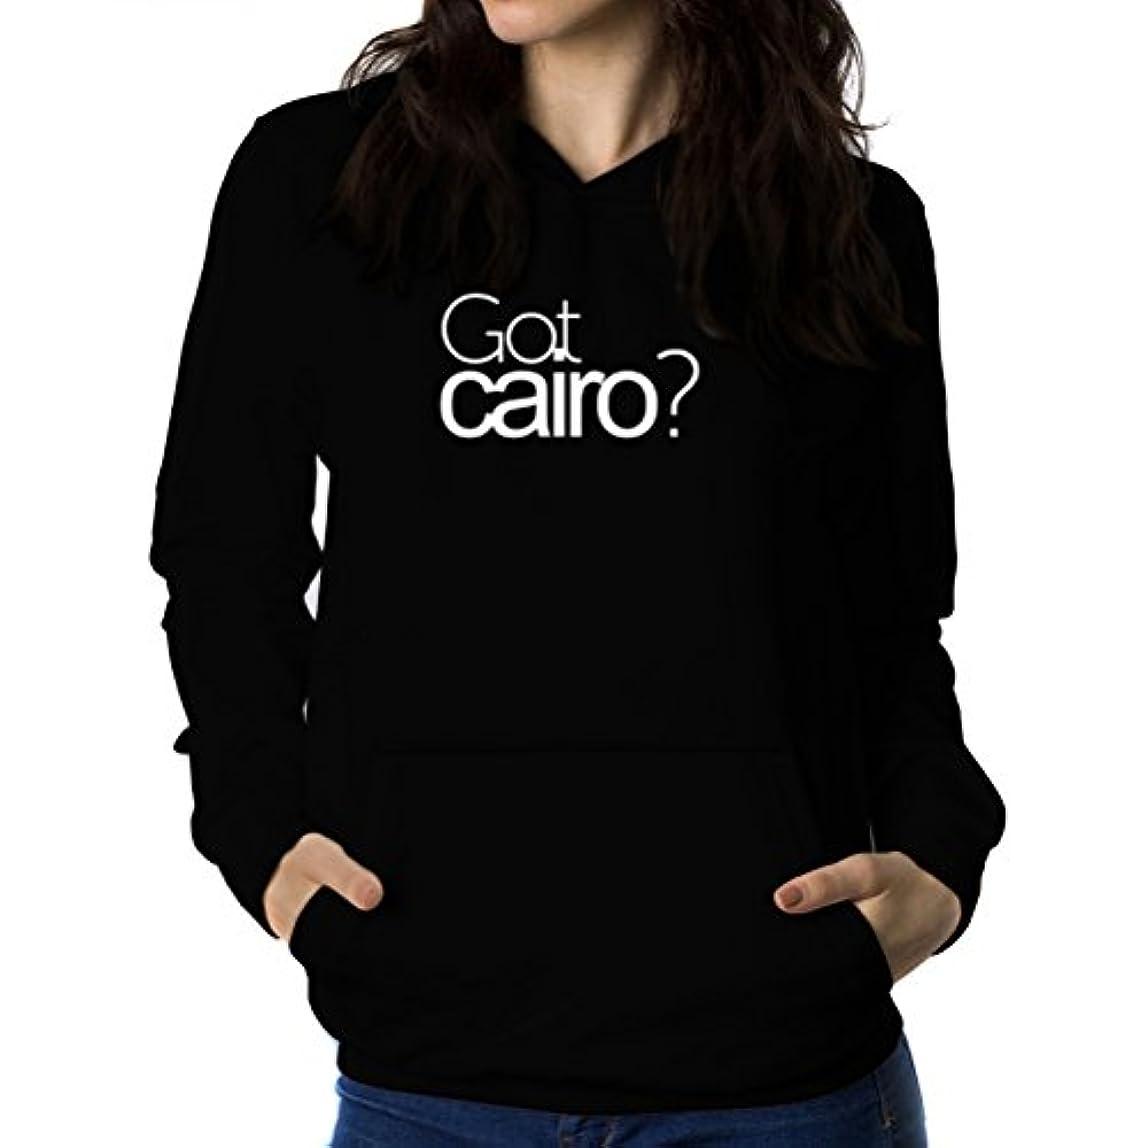 尽きる奨学金研究Got Cairo? 女性 フーディー